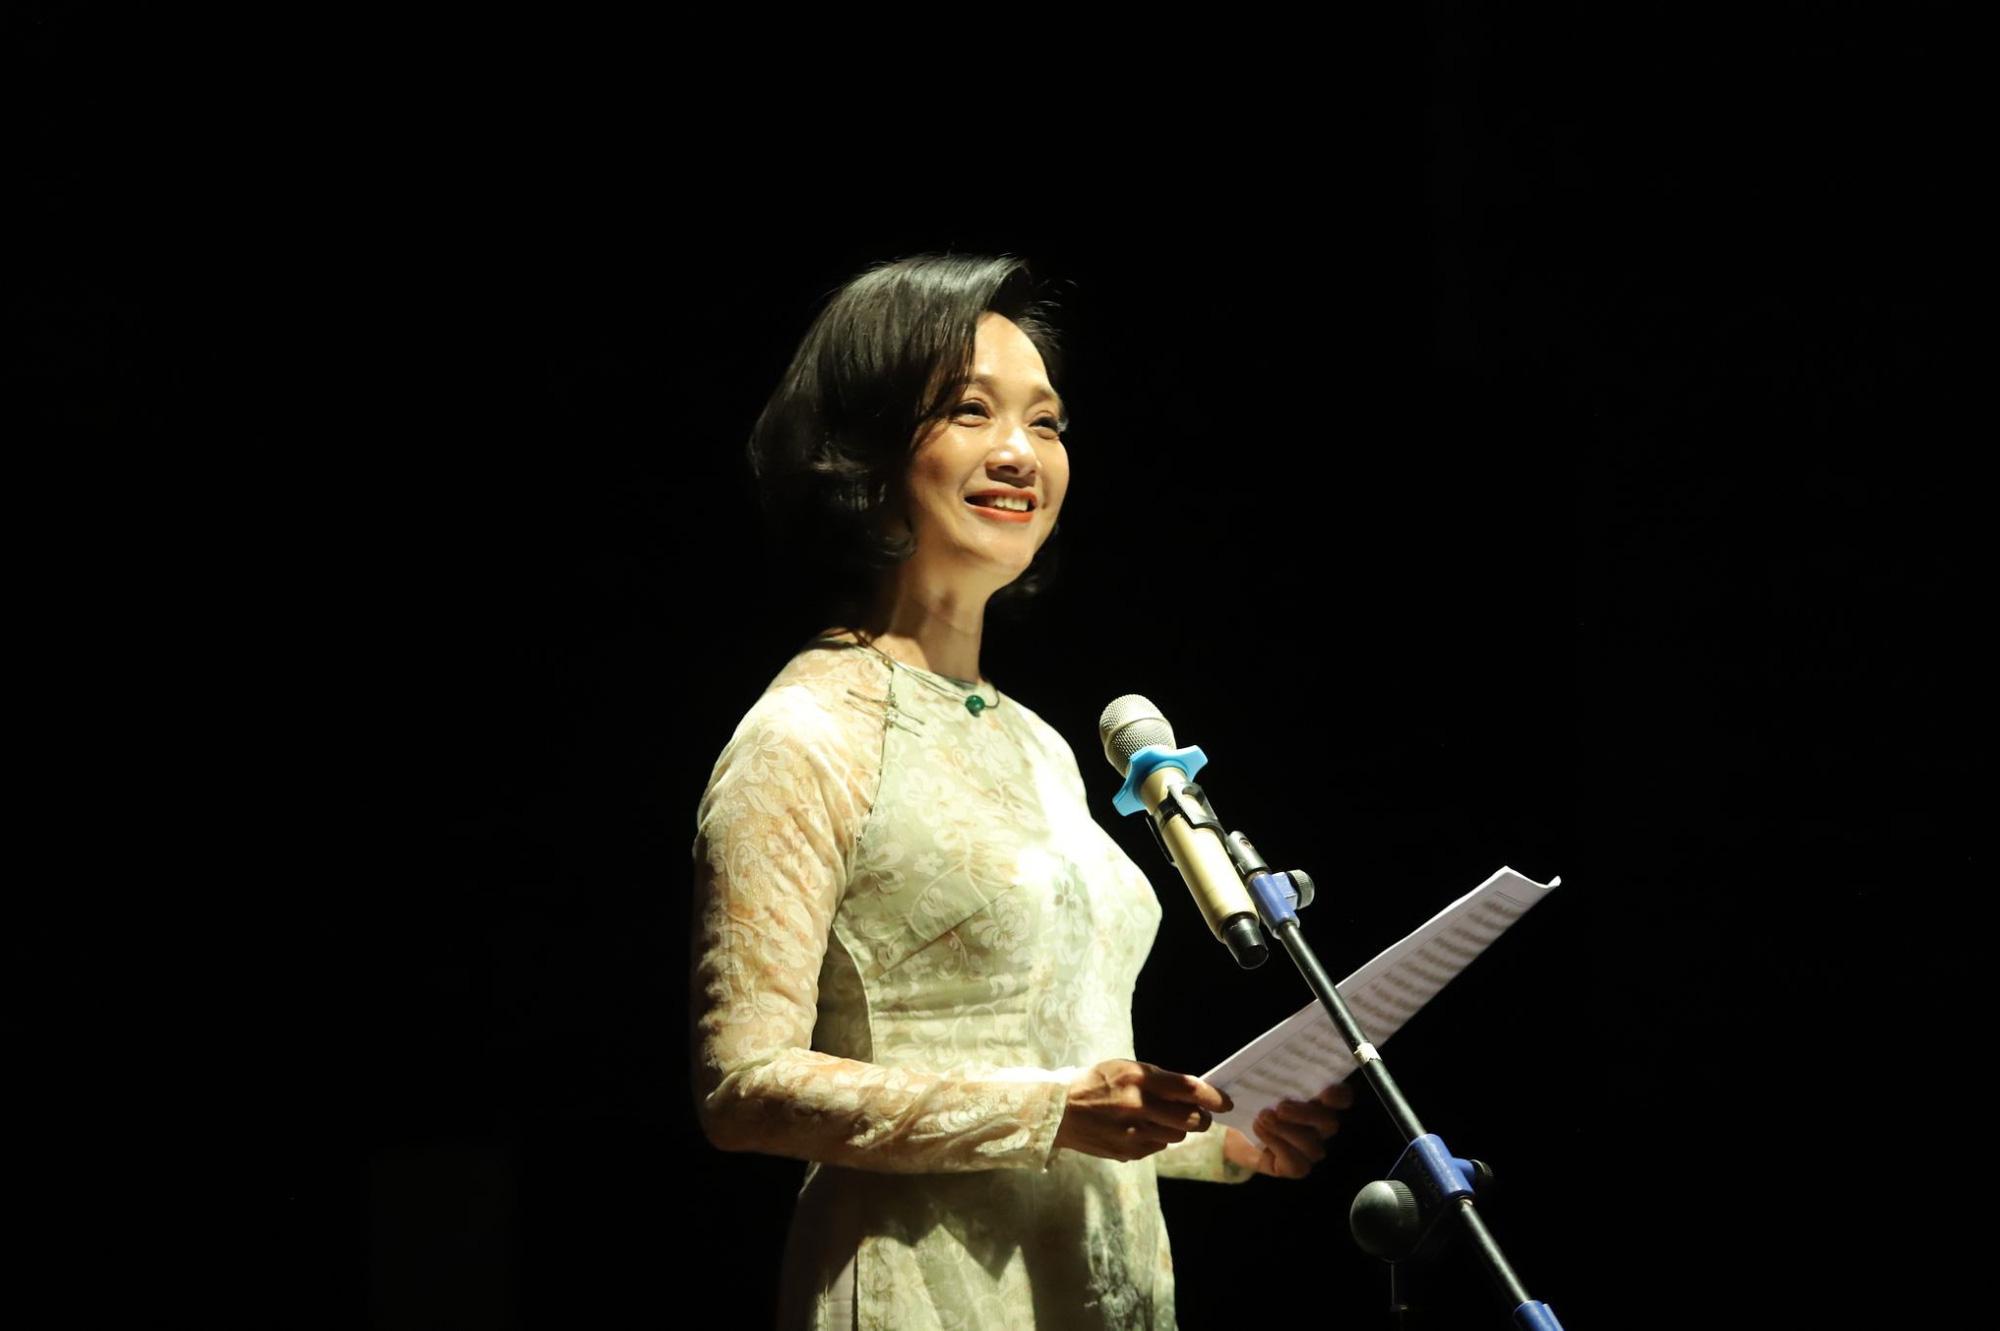 """""""Se sẽ 2021"""" - Khi thơ Lưu Quang Vũ - Xuân Quỳnh được cất lên bằng 20 ngôn ngữ khác nhau - Ảnh 6."""